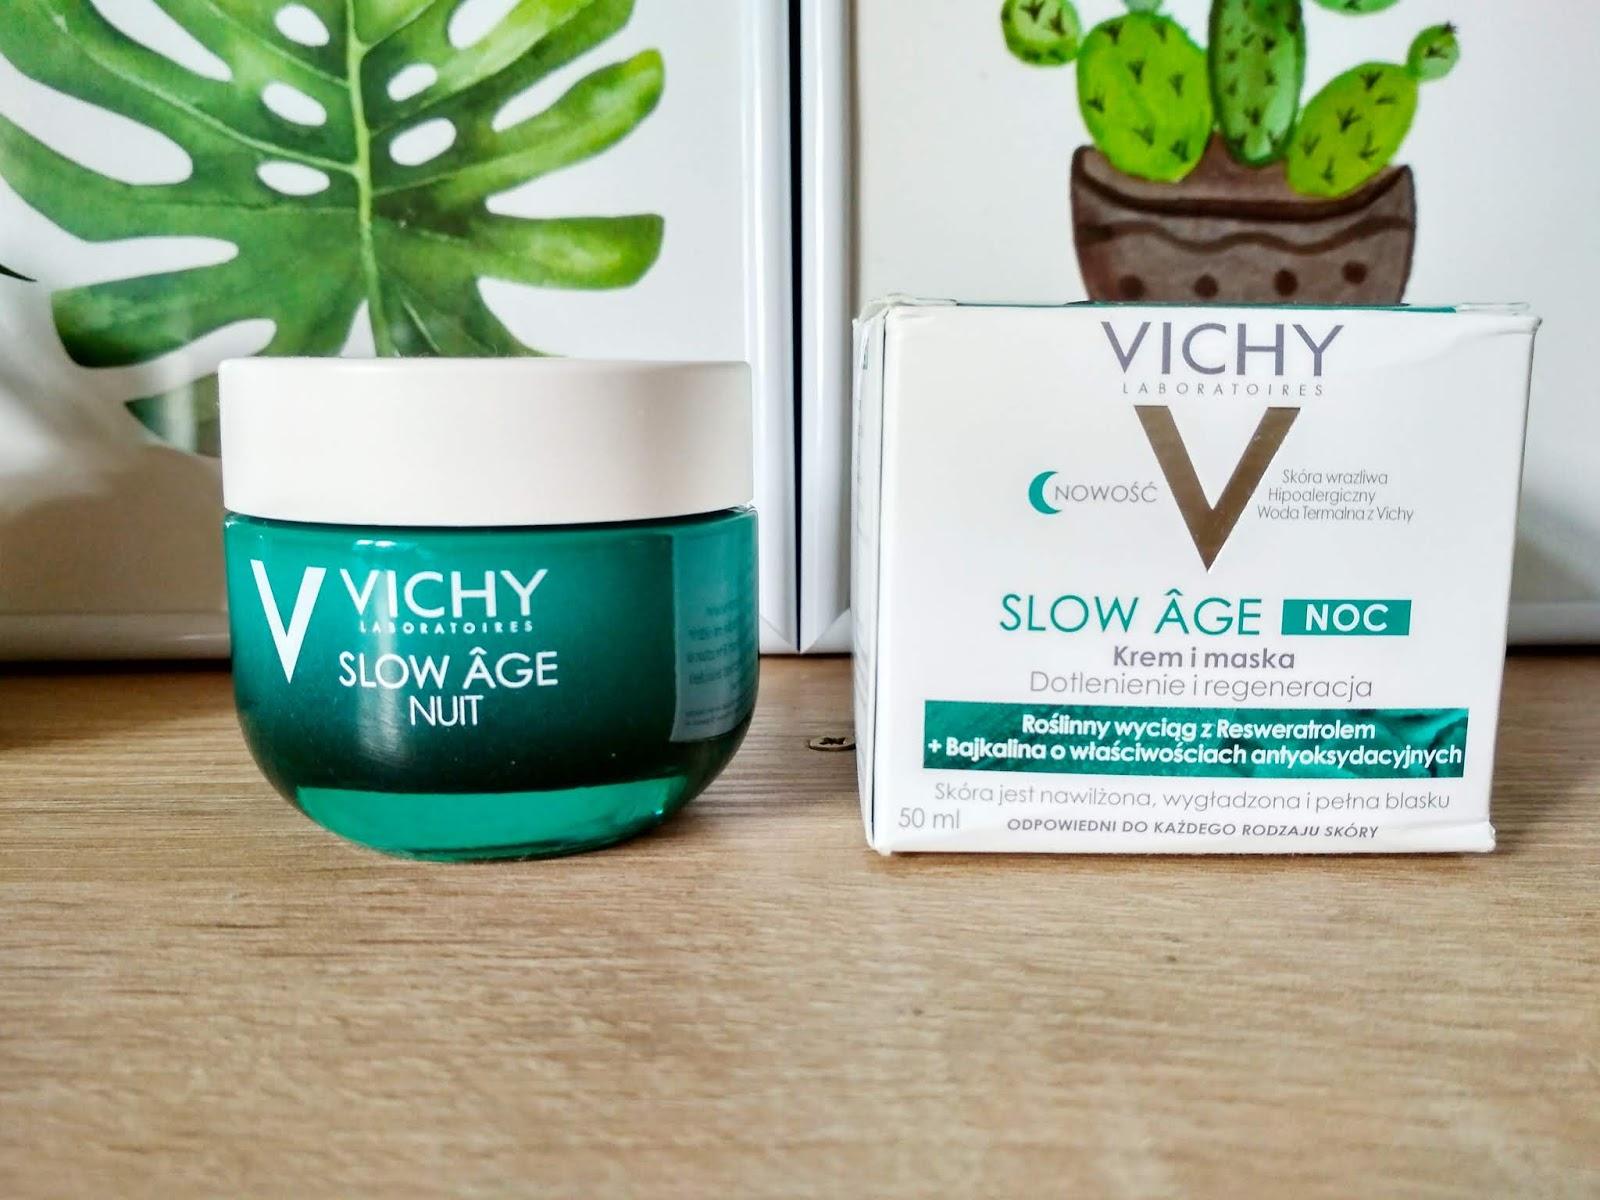 Recenzja - Vichy  Slow Age krem i maska dotlenienie i regeneracja | N. o kosmetykach